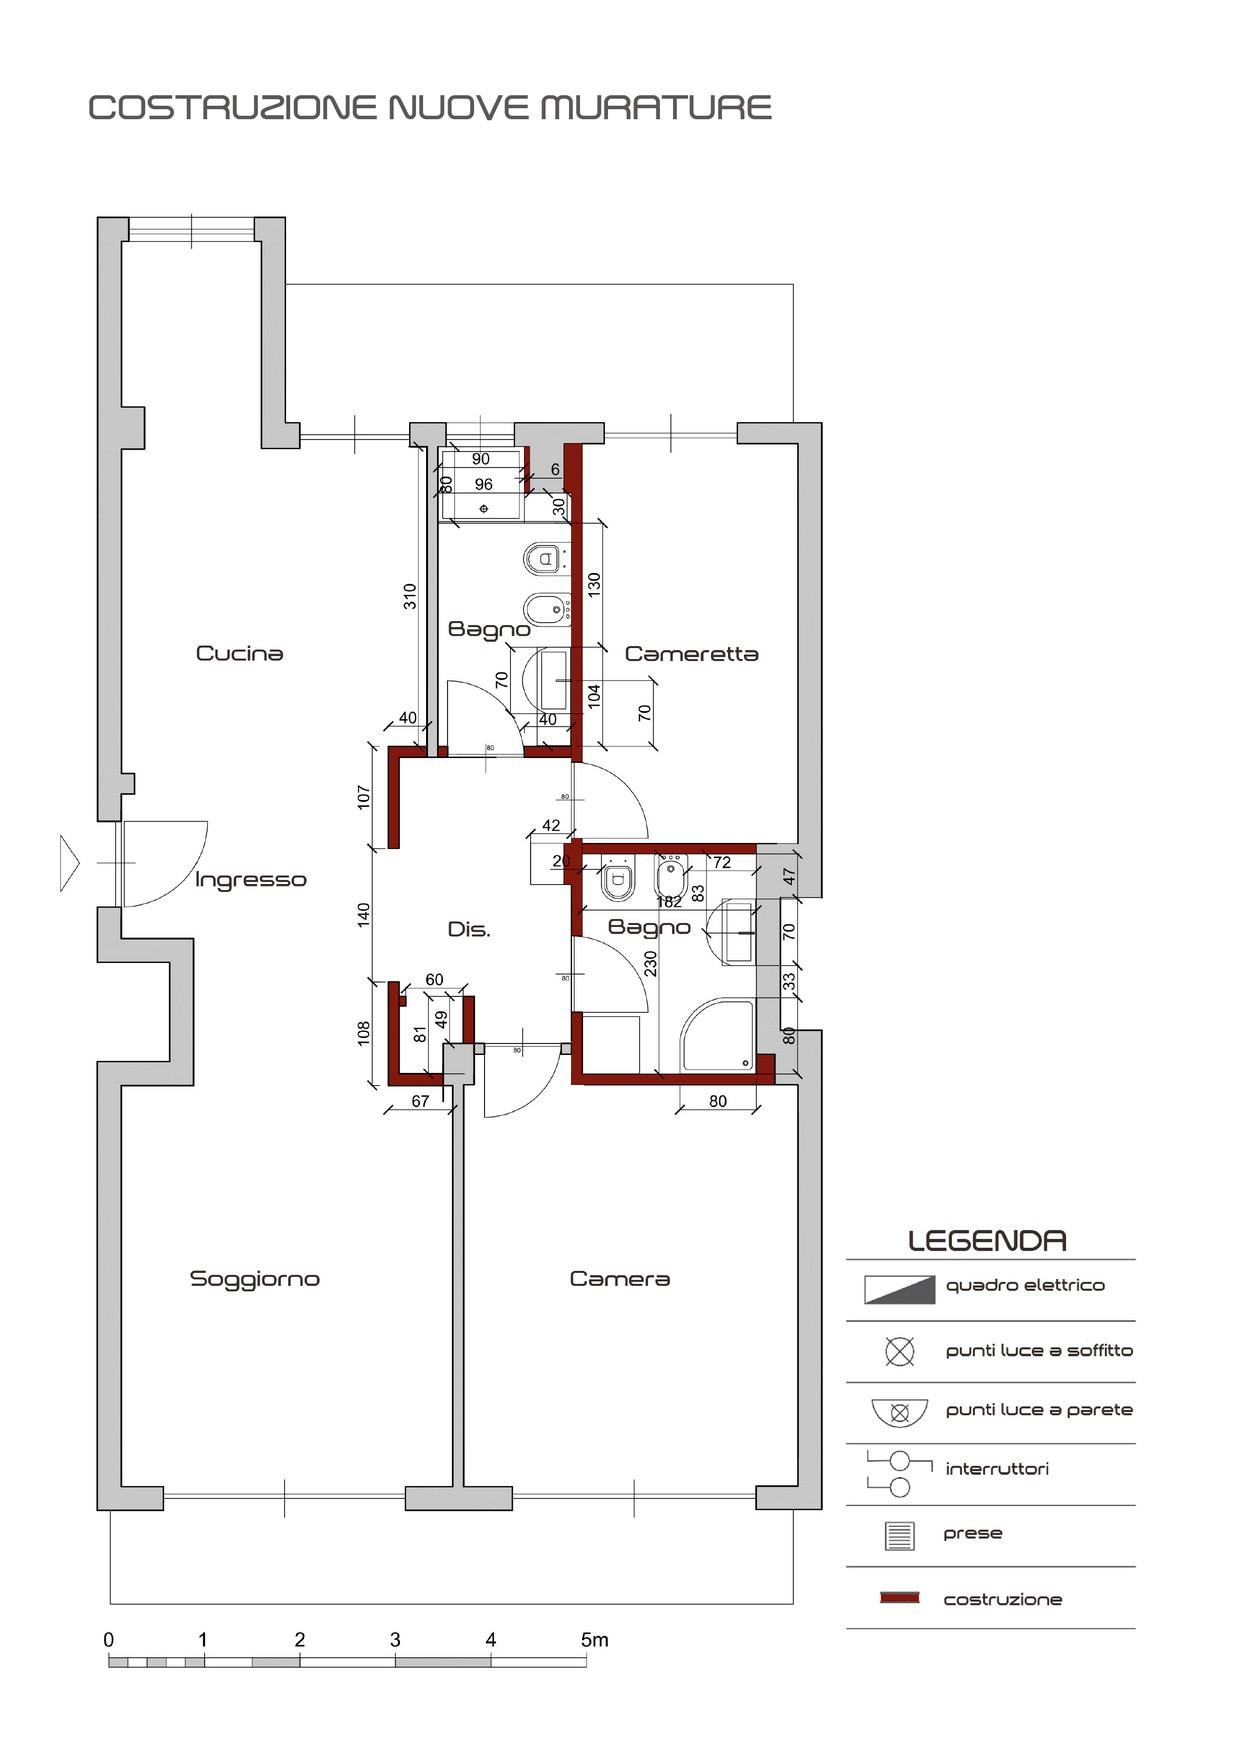 ristrutturazione-casa-torino-7 - Kreocasa - Negozio di Arredamento e Design a Torino